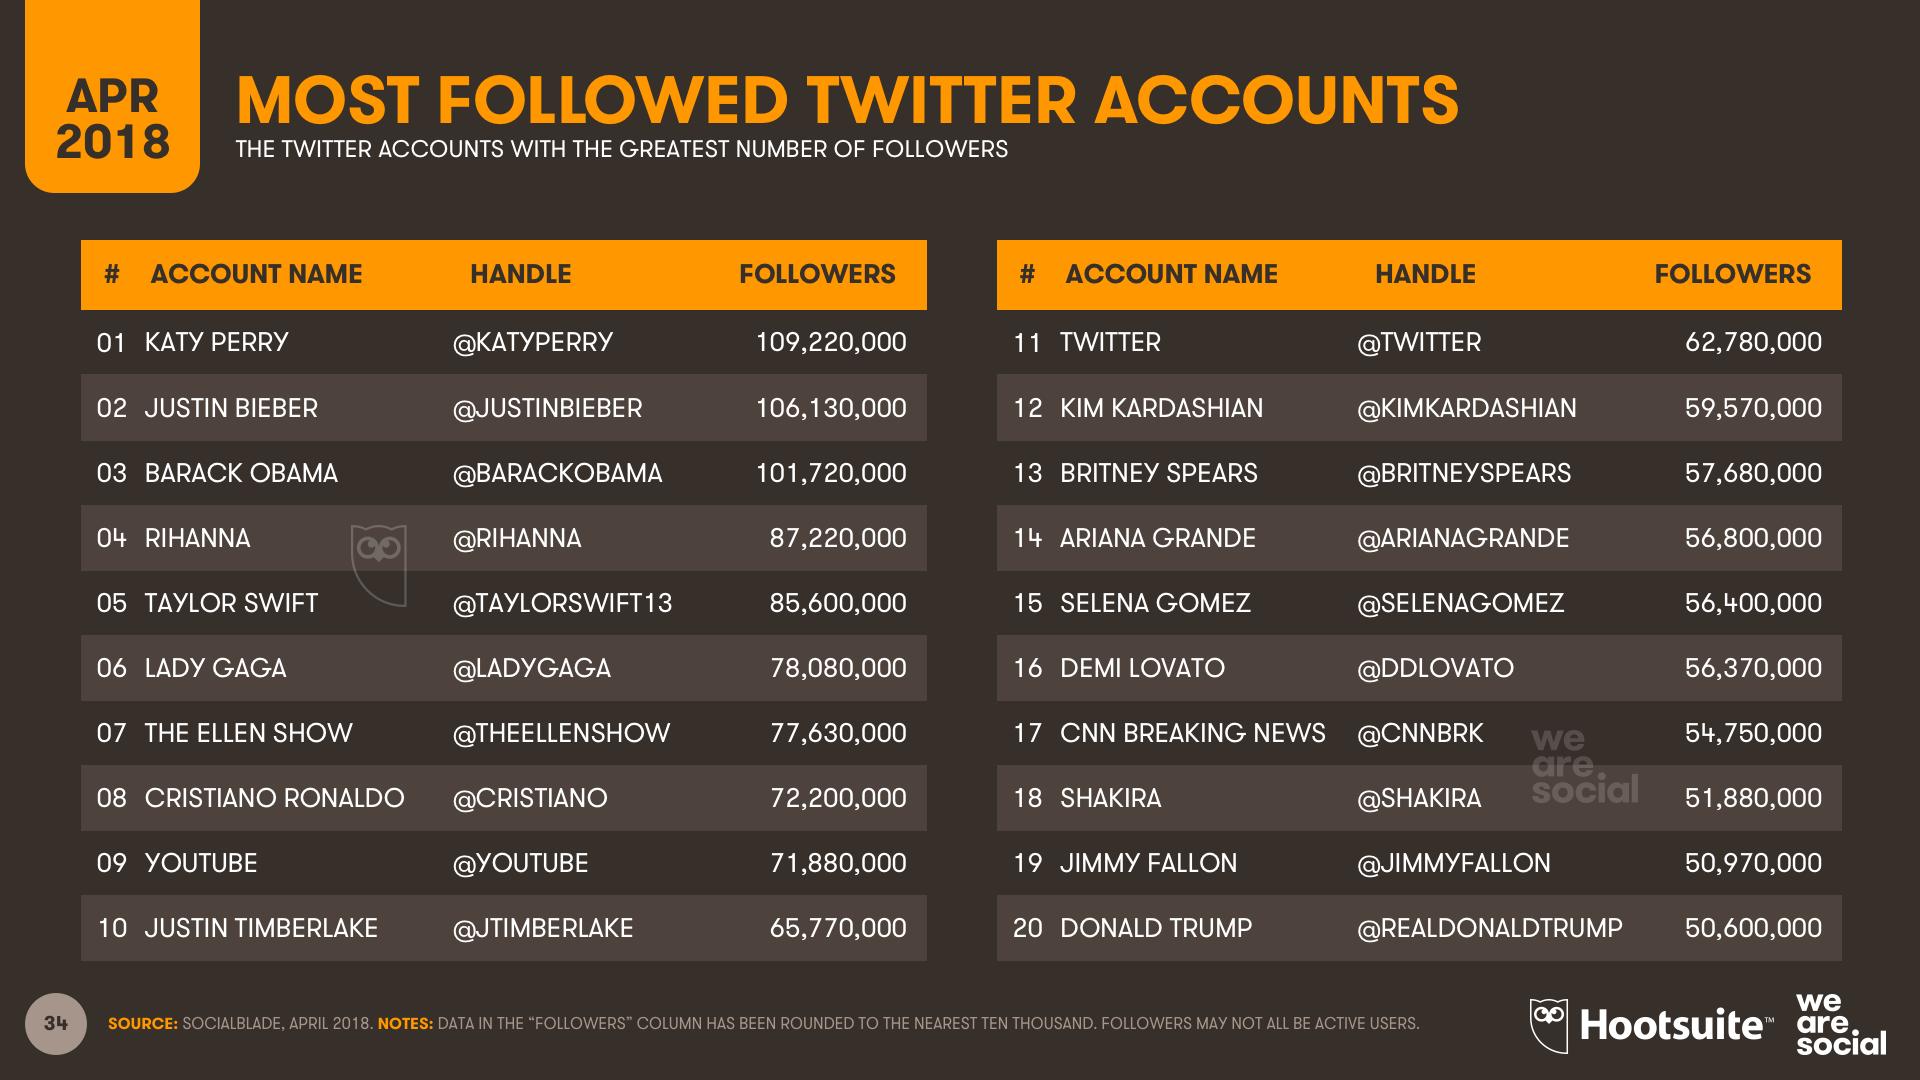 Twitter Most Followed - Q1 2018